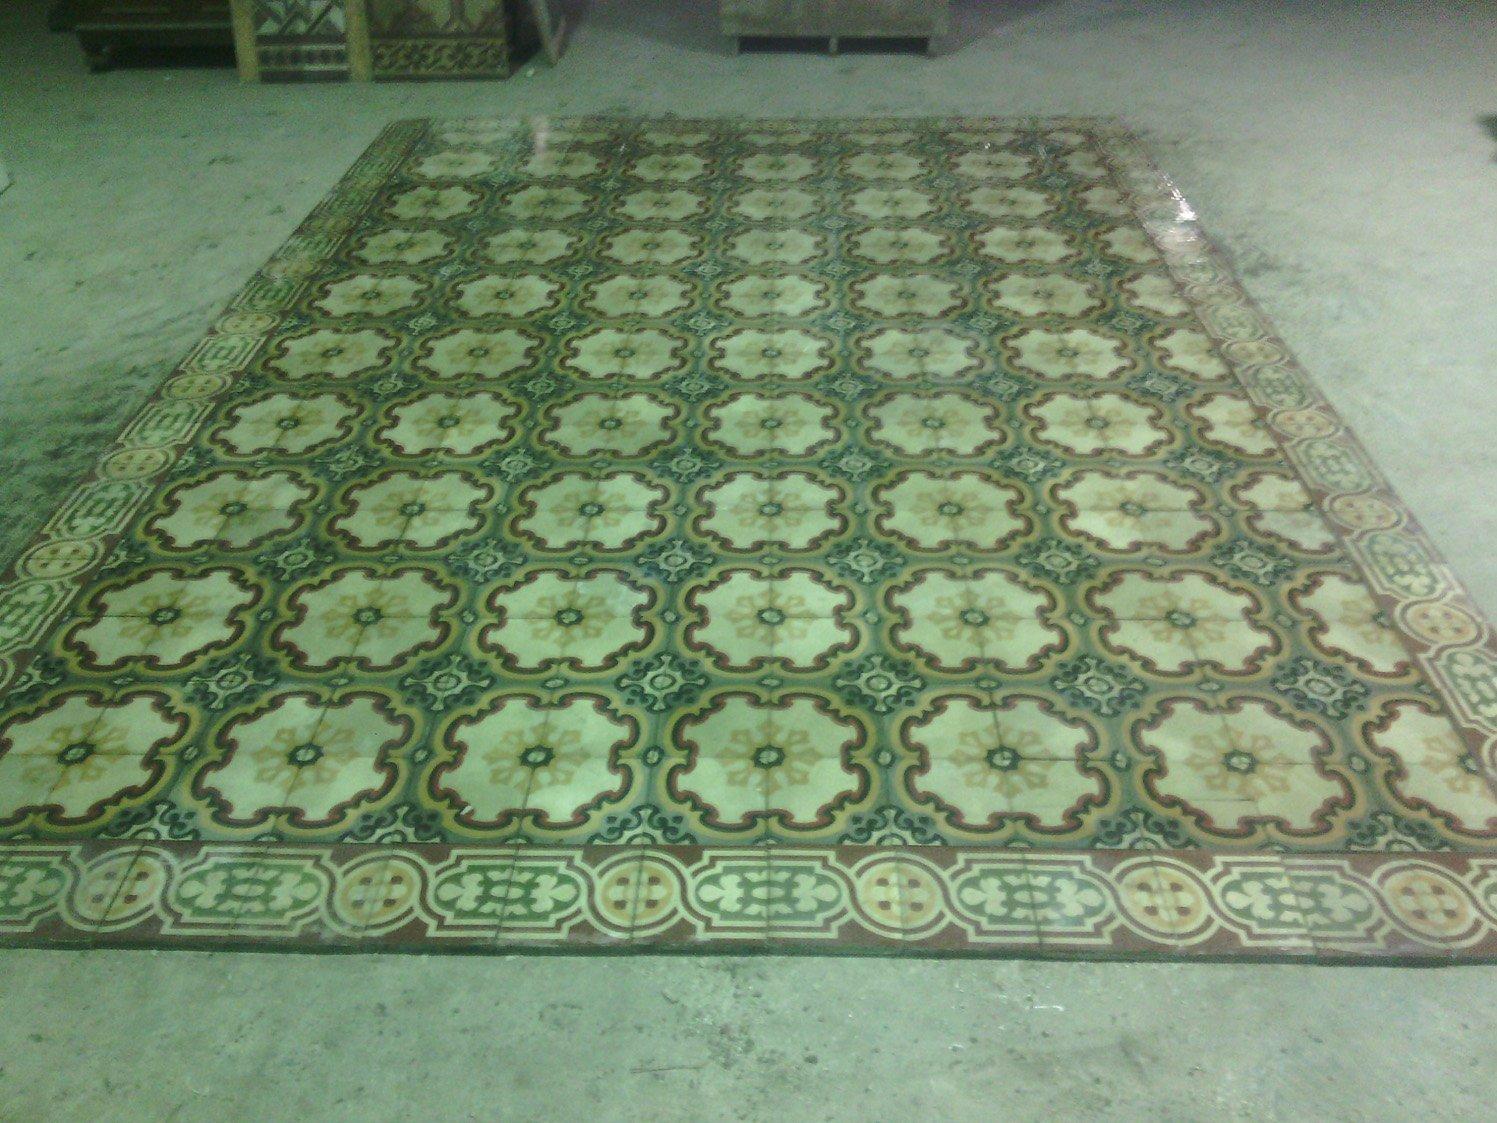 un pavimento con piastrelle a disegni